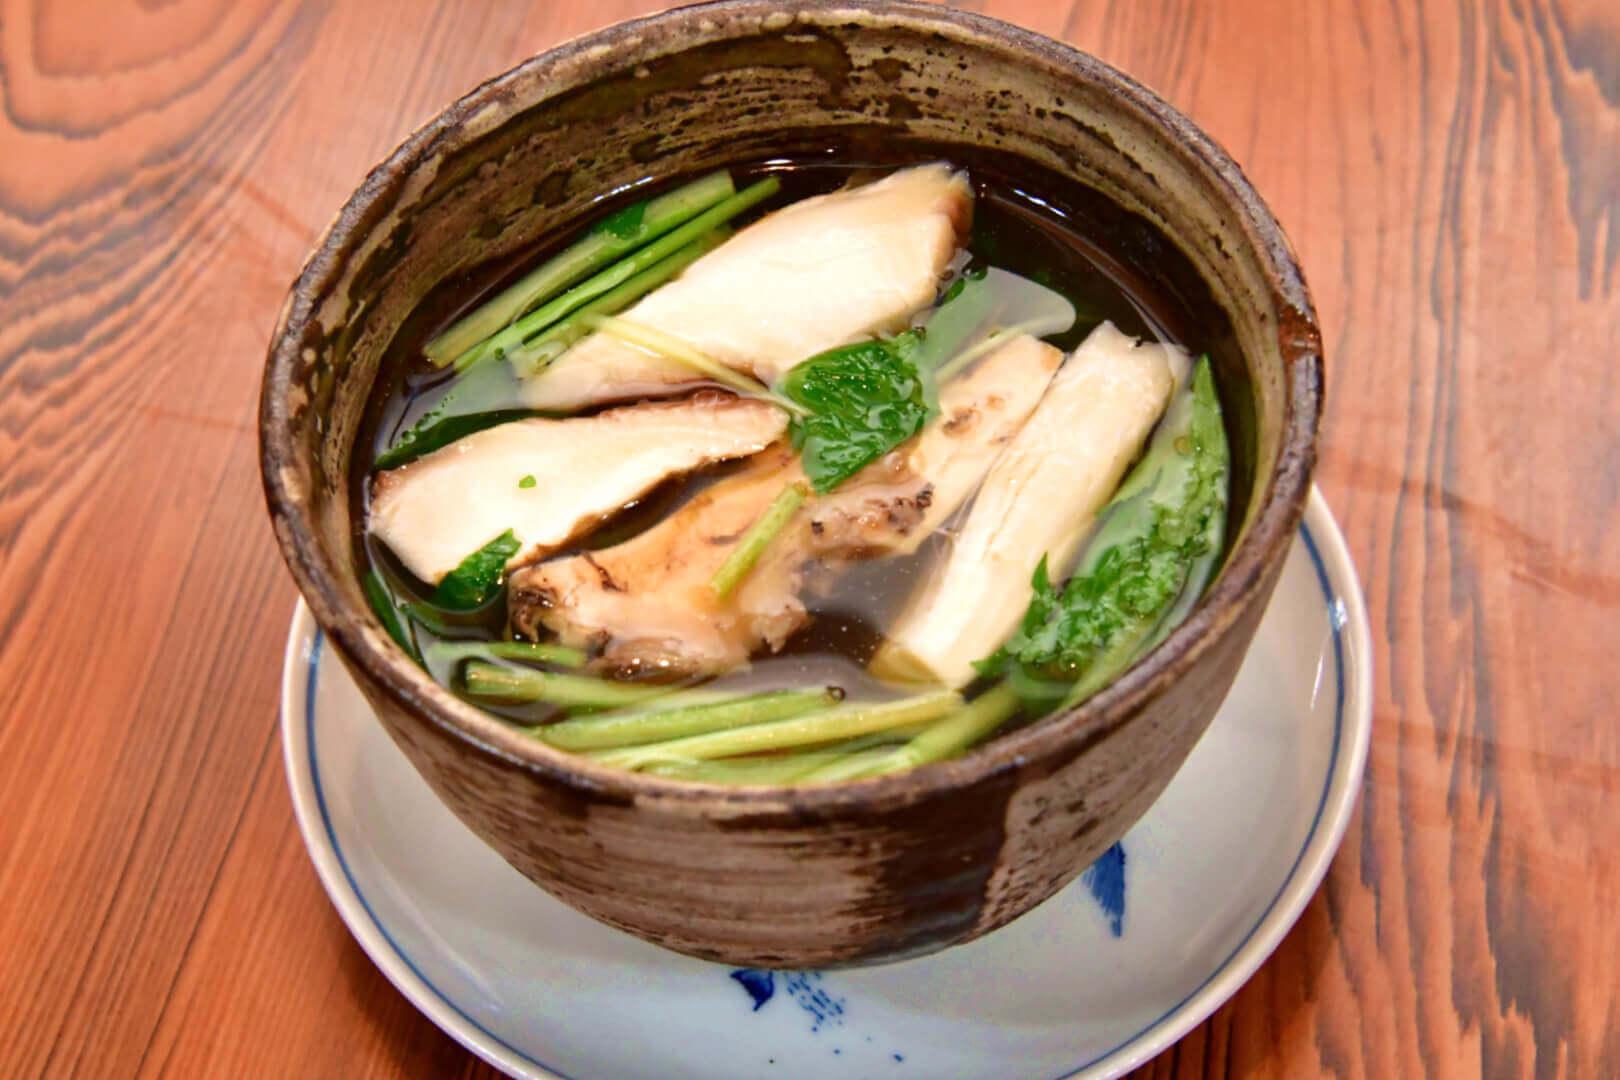 松茸のお吸い物 - 札幌 居酒屋道